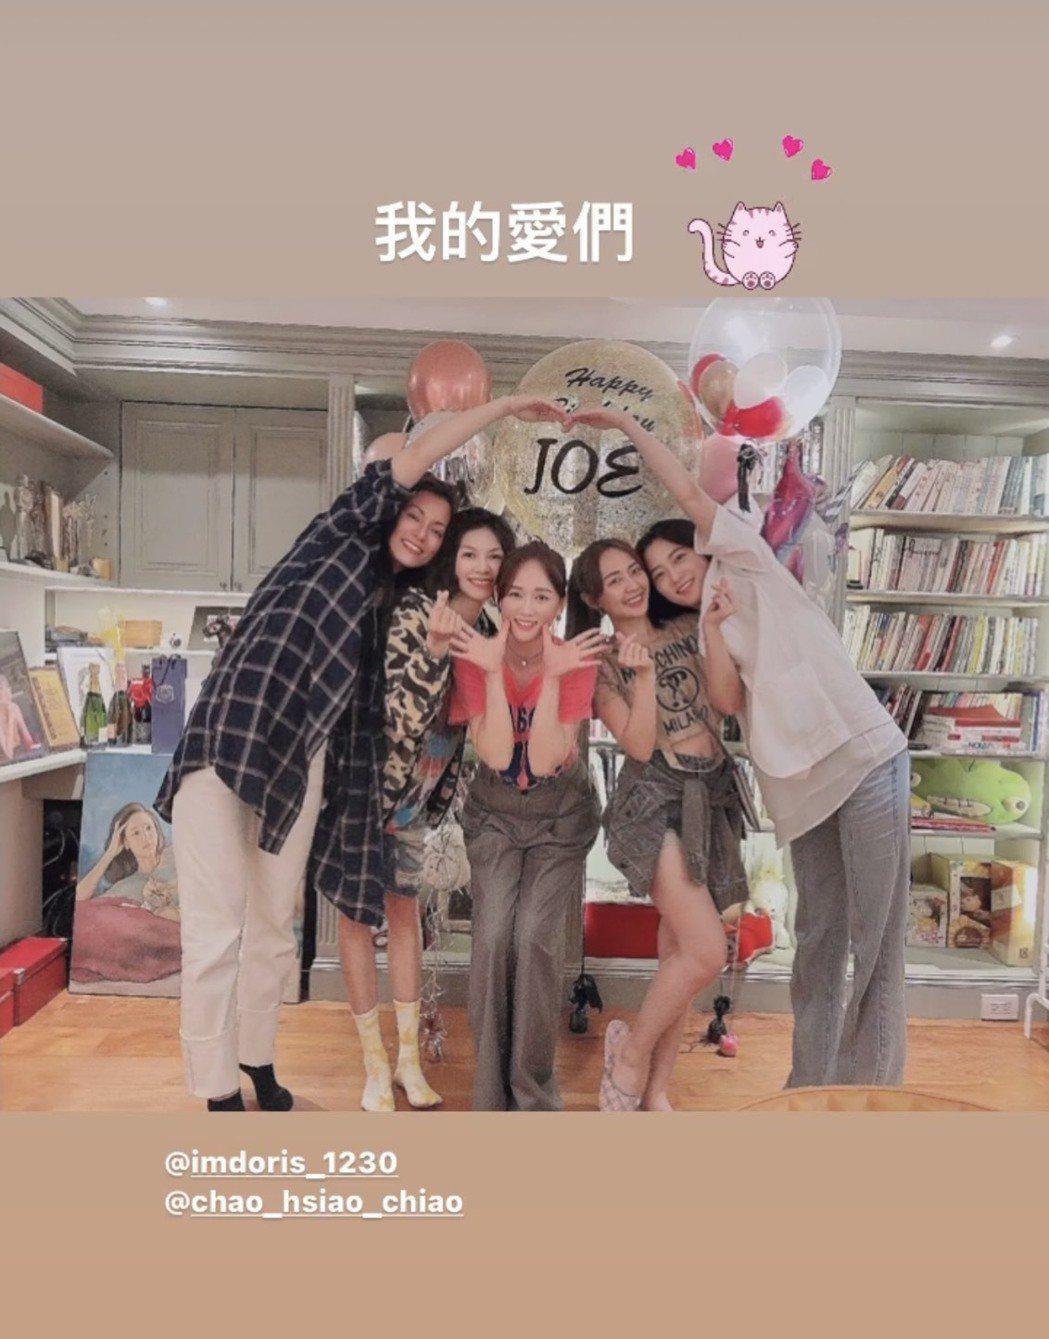 陳喬恩(中)尾巴,七朵花趙小僑(右起)、賴薇如等再同框為她慶生。圖/摘自IG